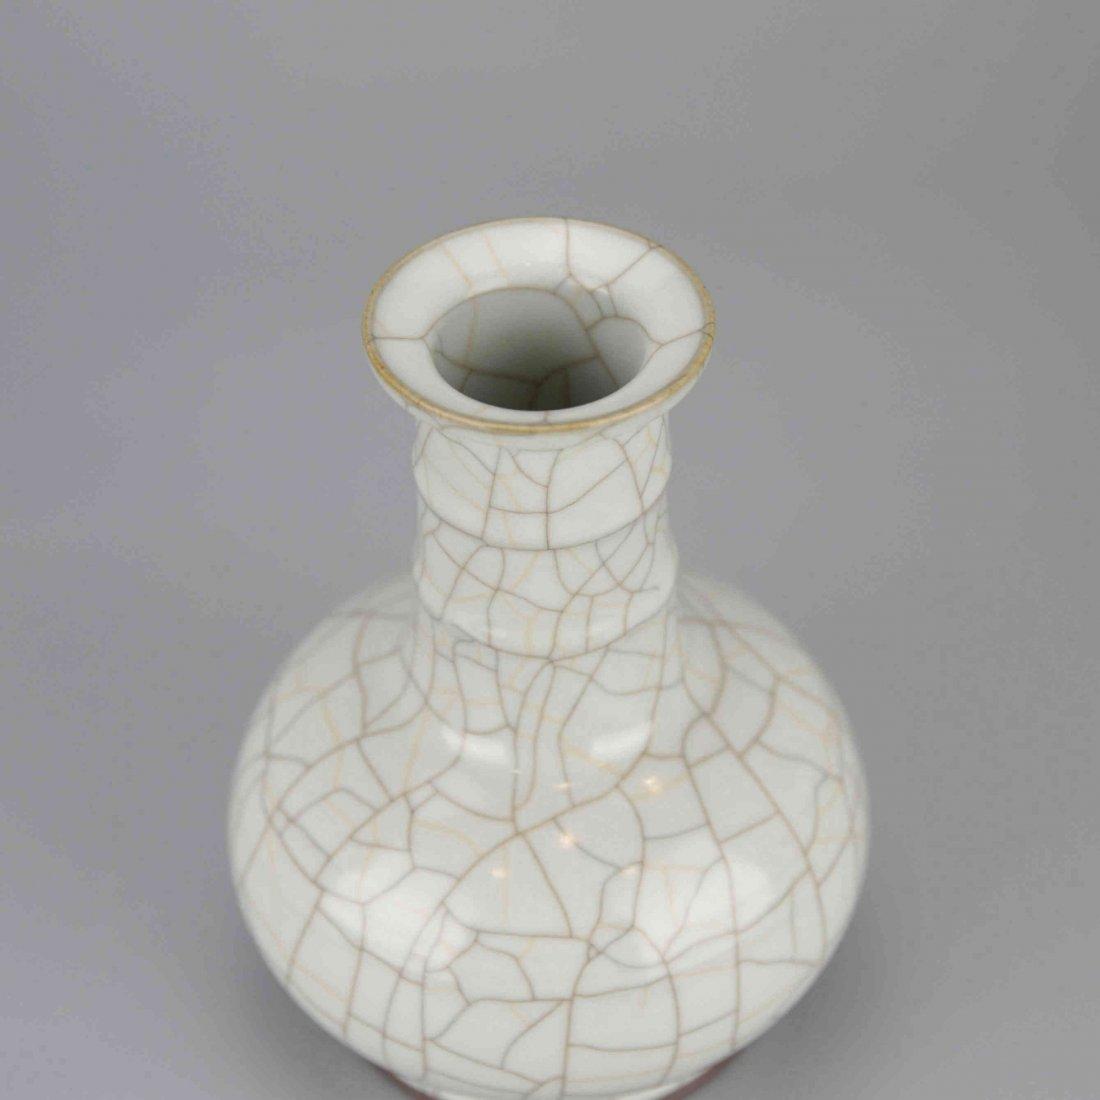 Chinese Celadon Crackle Porcelain Vase - 2